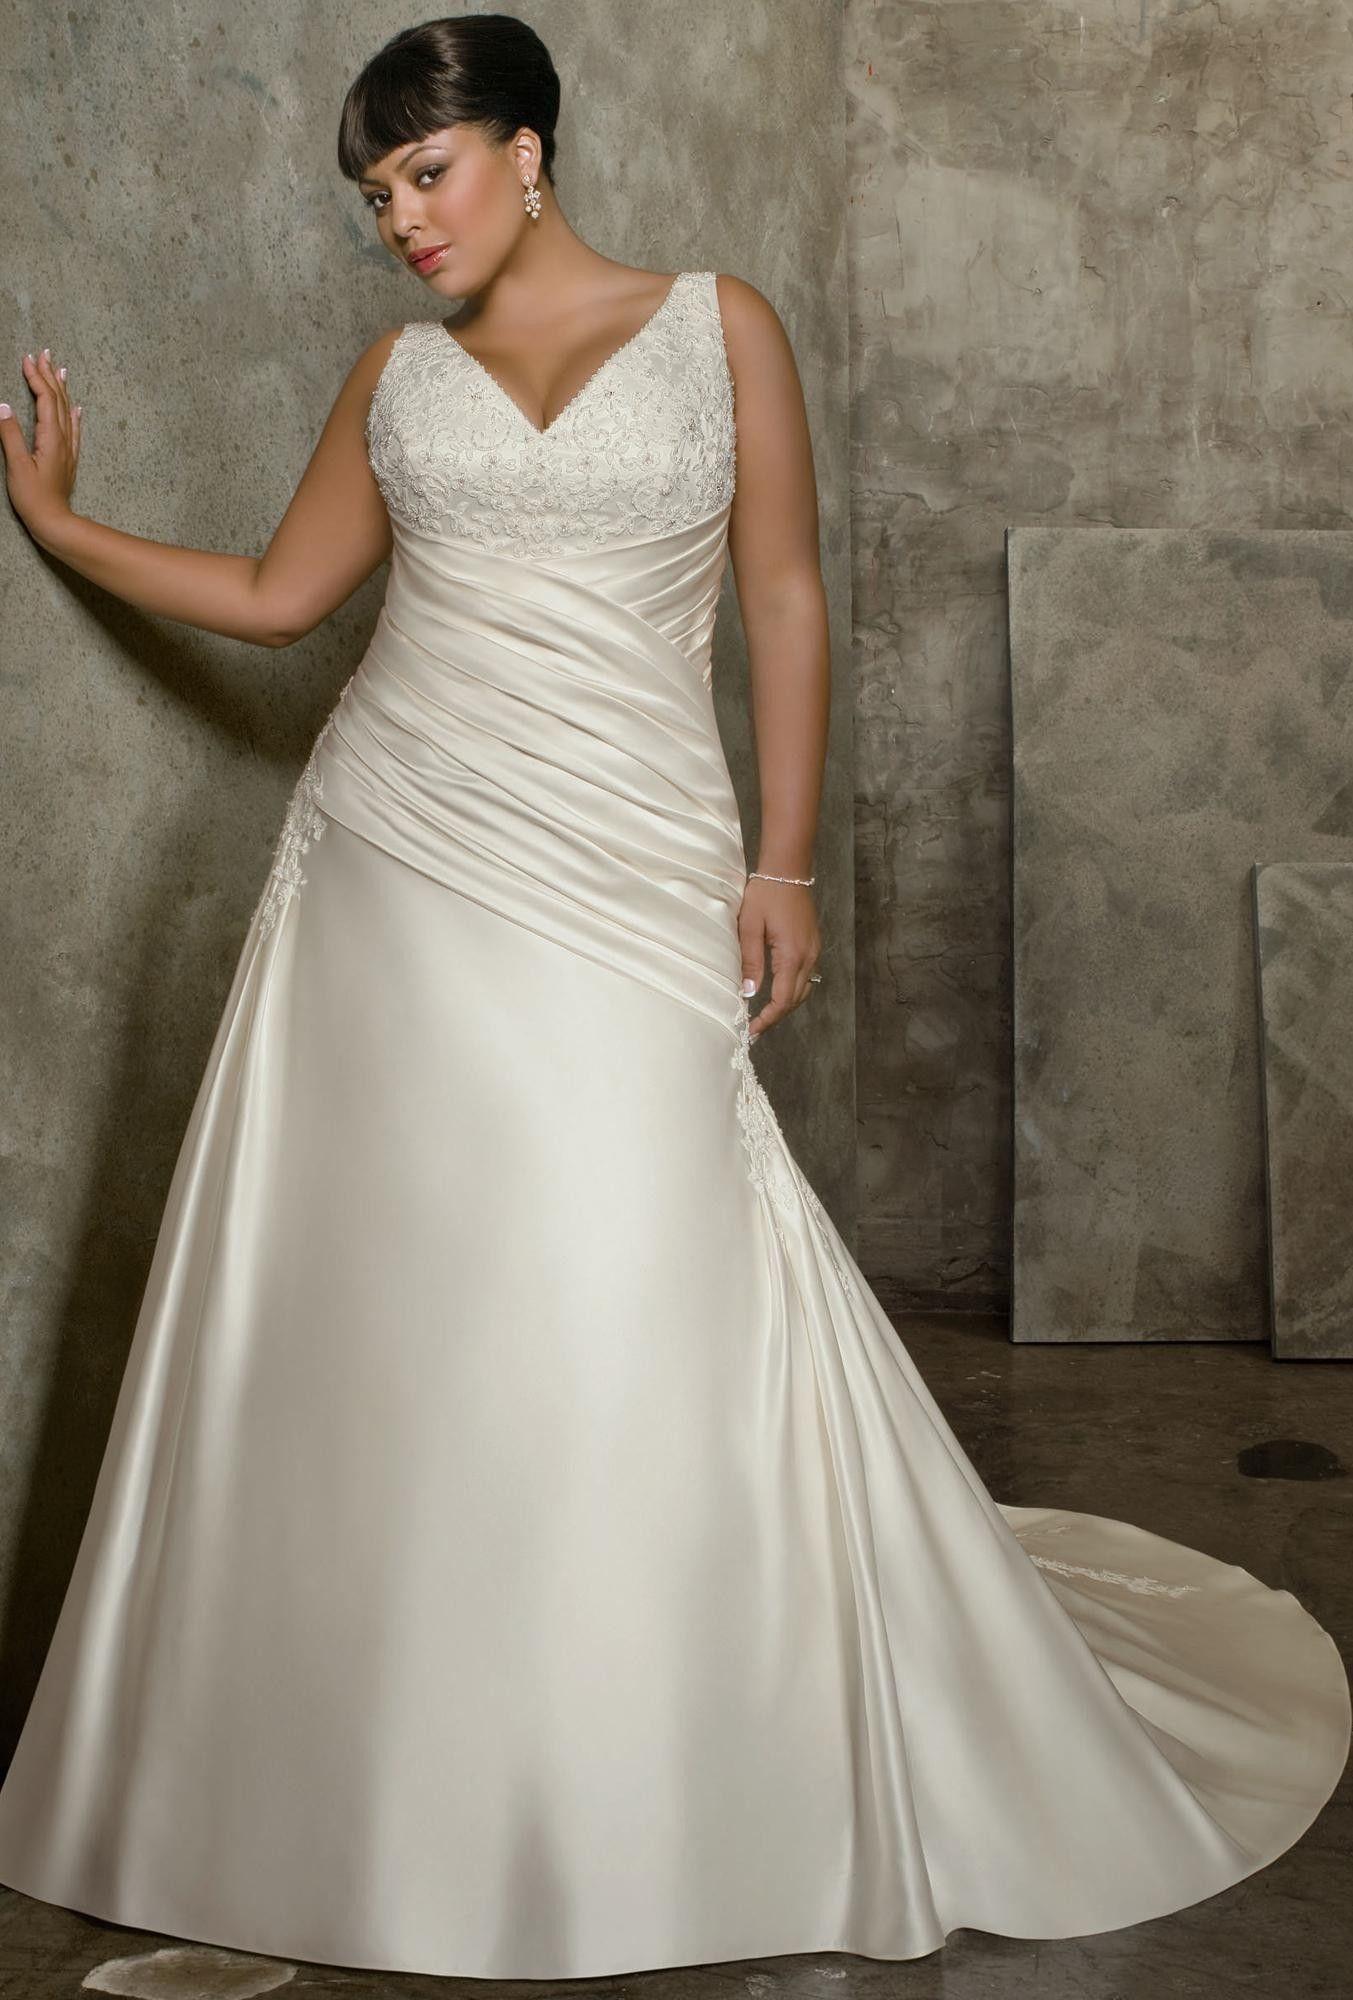 plus size weding dresses cheap 18 #plus #plussize #curvy | Plus Size ...